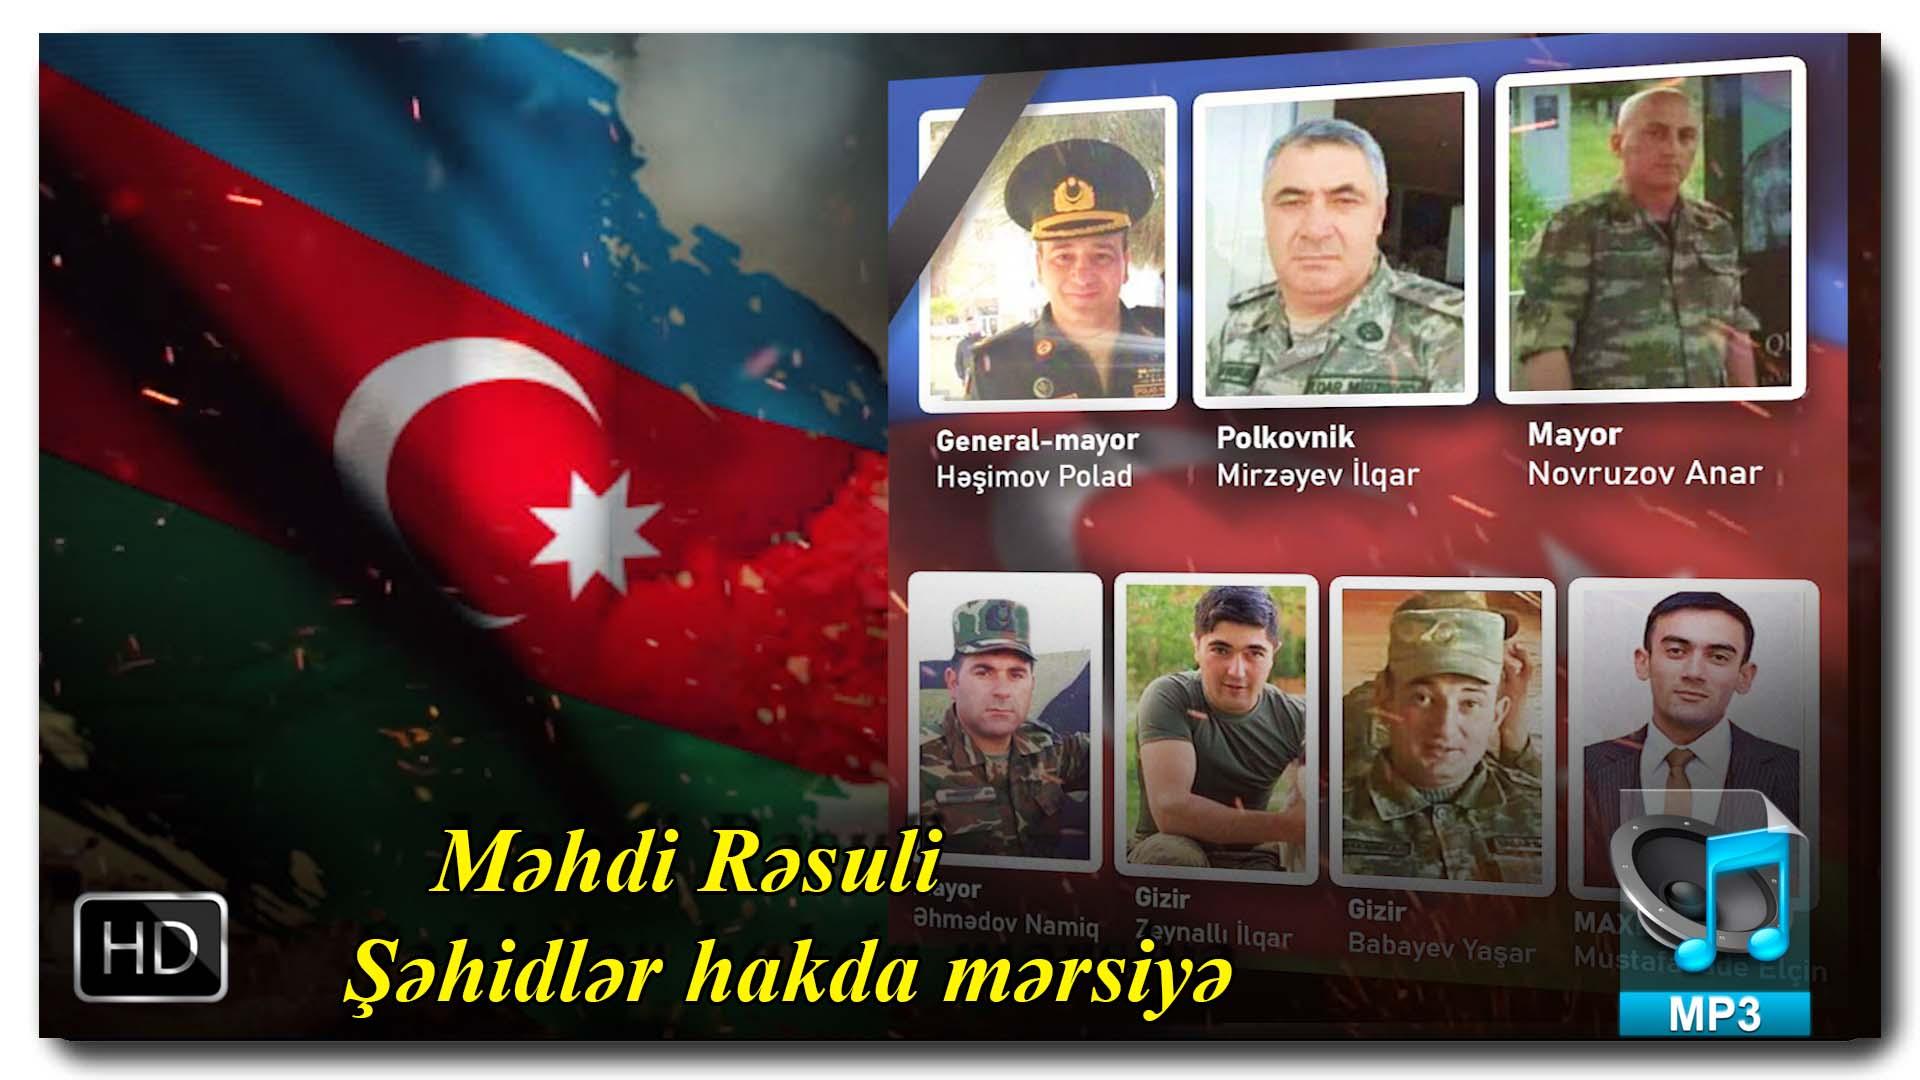 Yeni Mərsiyə | Məhdi Rəsuli| Şəhidlər hakda mərsiyə|